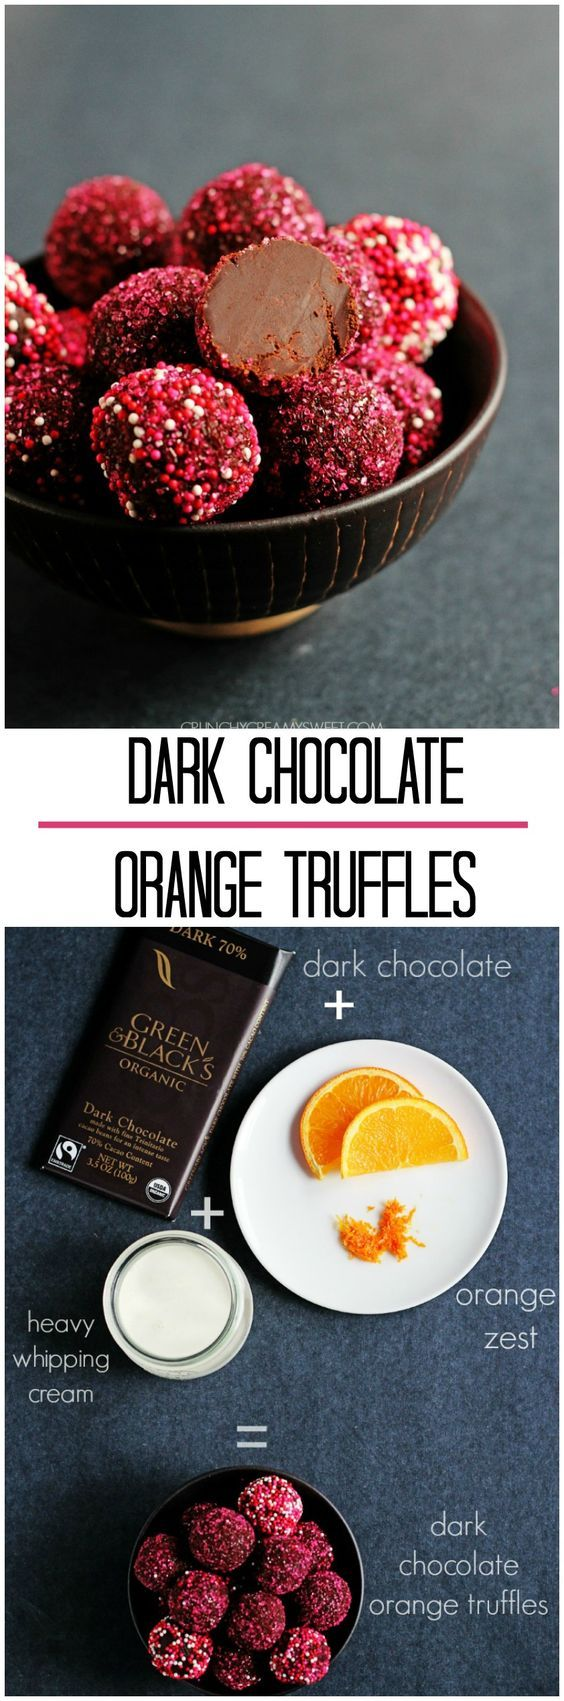 3 Ing Dark Chocolate Orange Truffles Dessert Crunchycreamysw